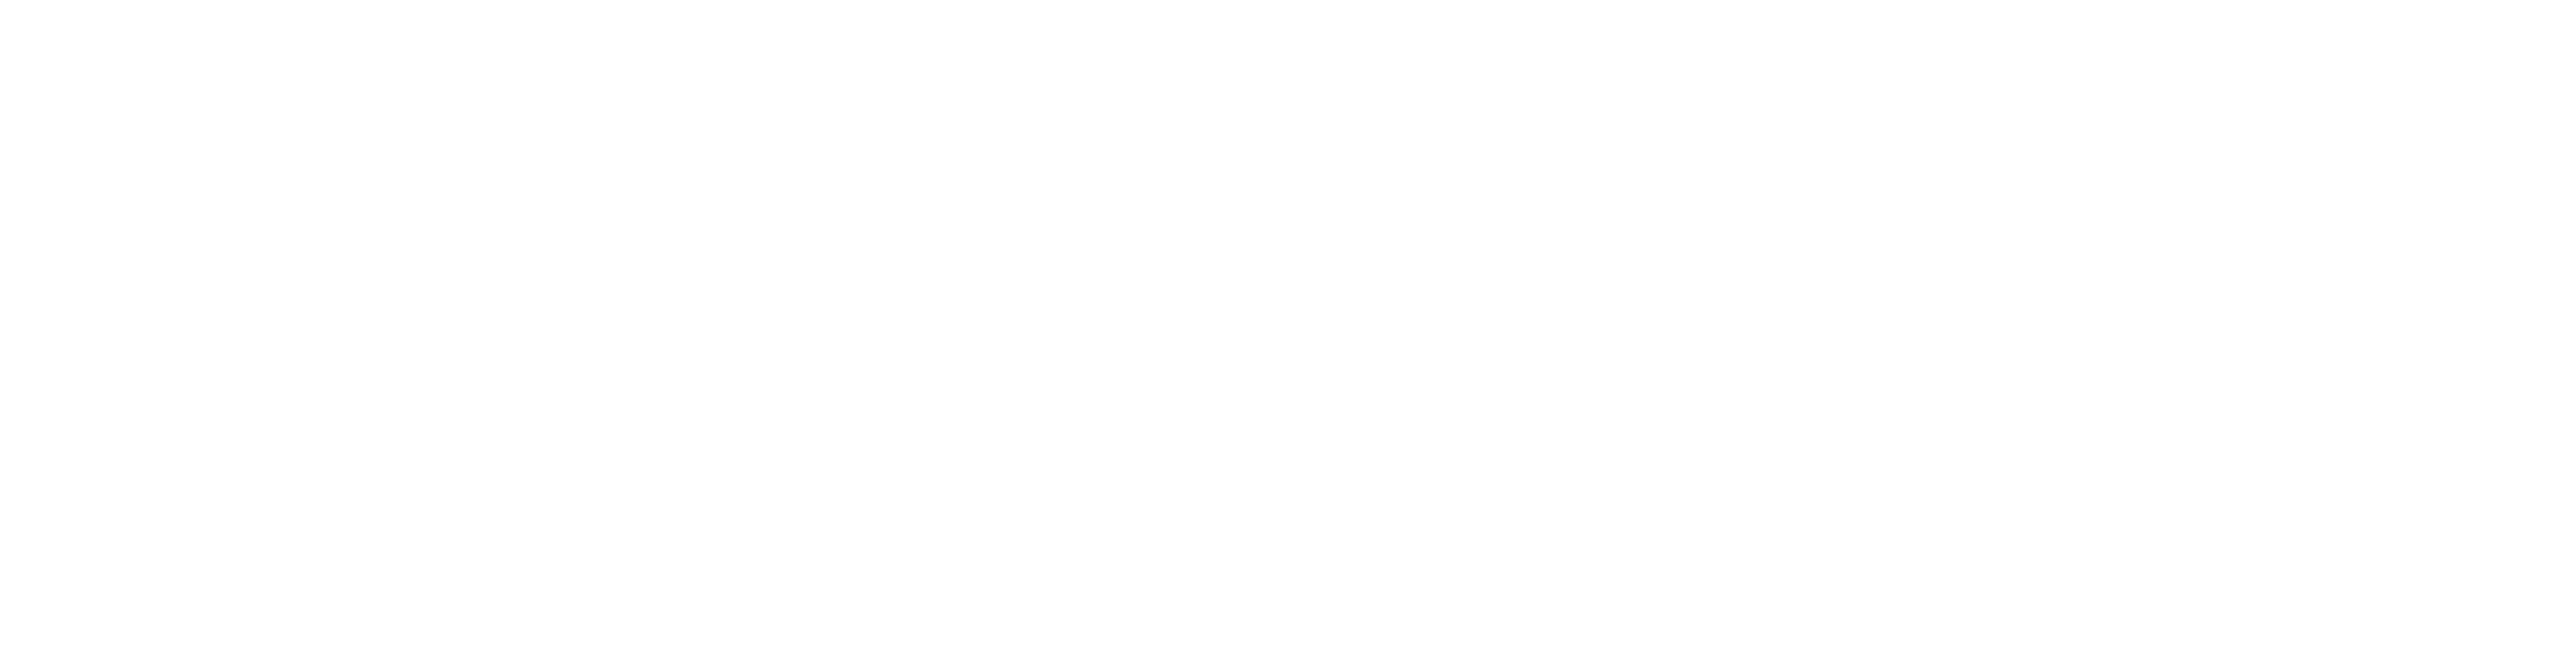 Cumbres del Guadarrama